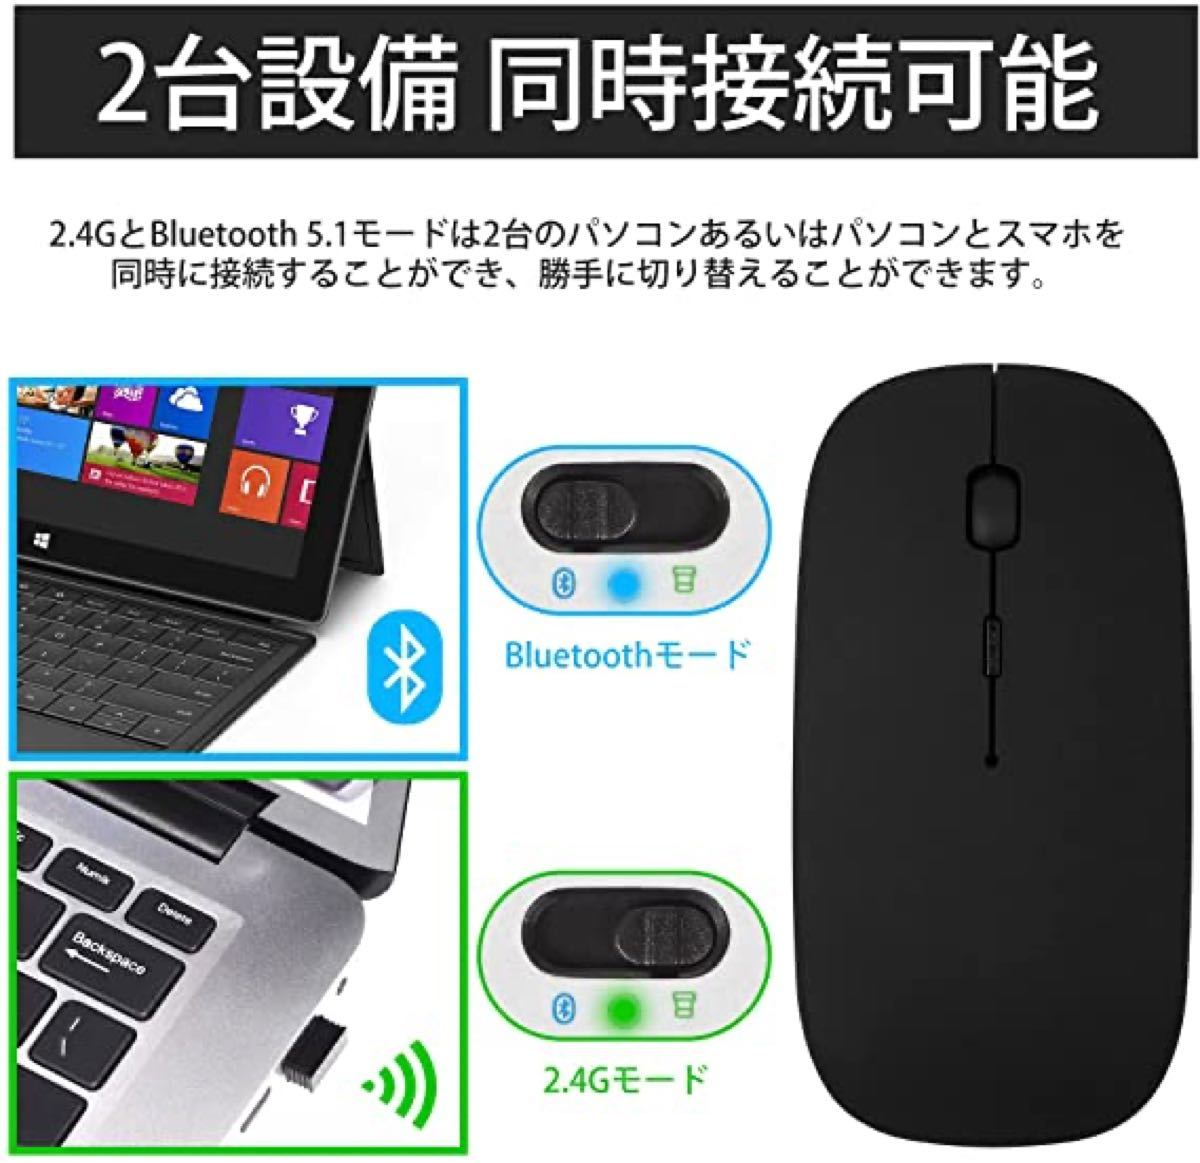 ワイヤレスマウス Bluetooth ワイヤレスマウス 超薄型 静音 2.4GHz 省エネルギー 3段調節可能